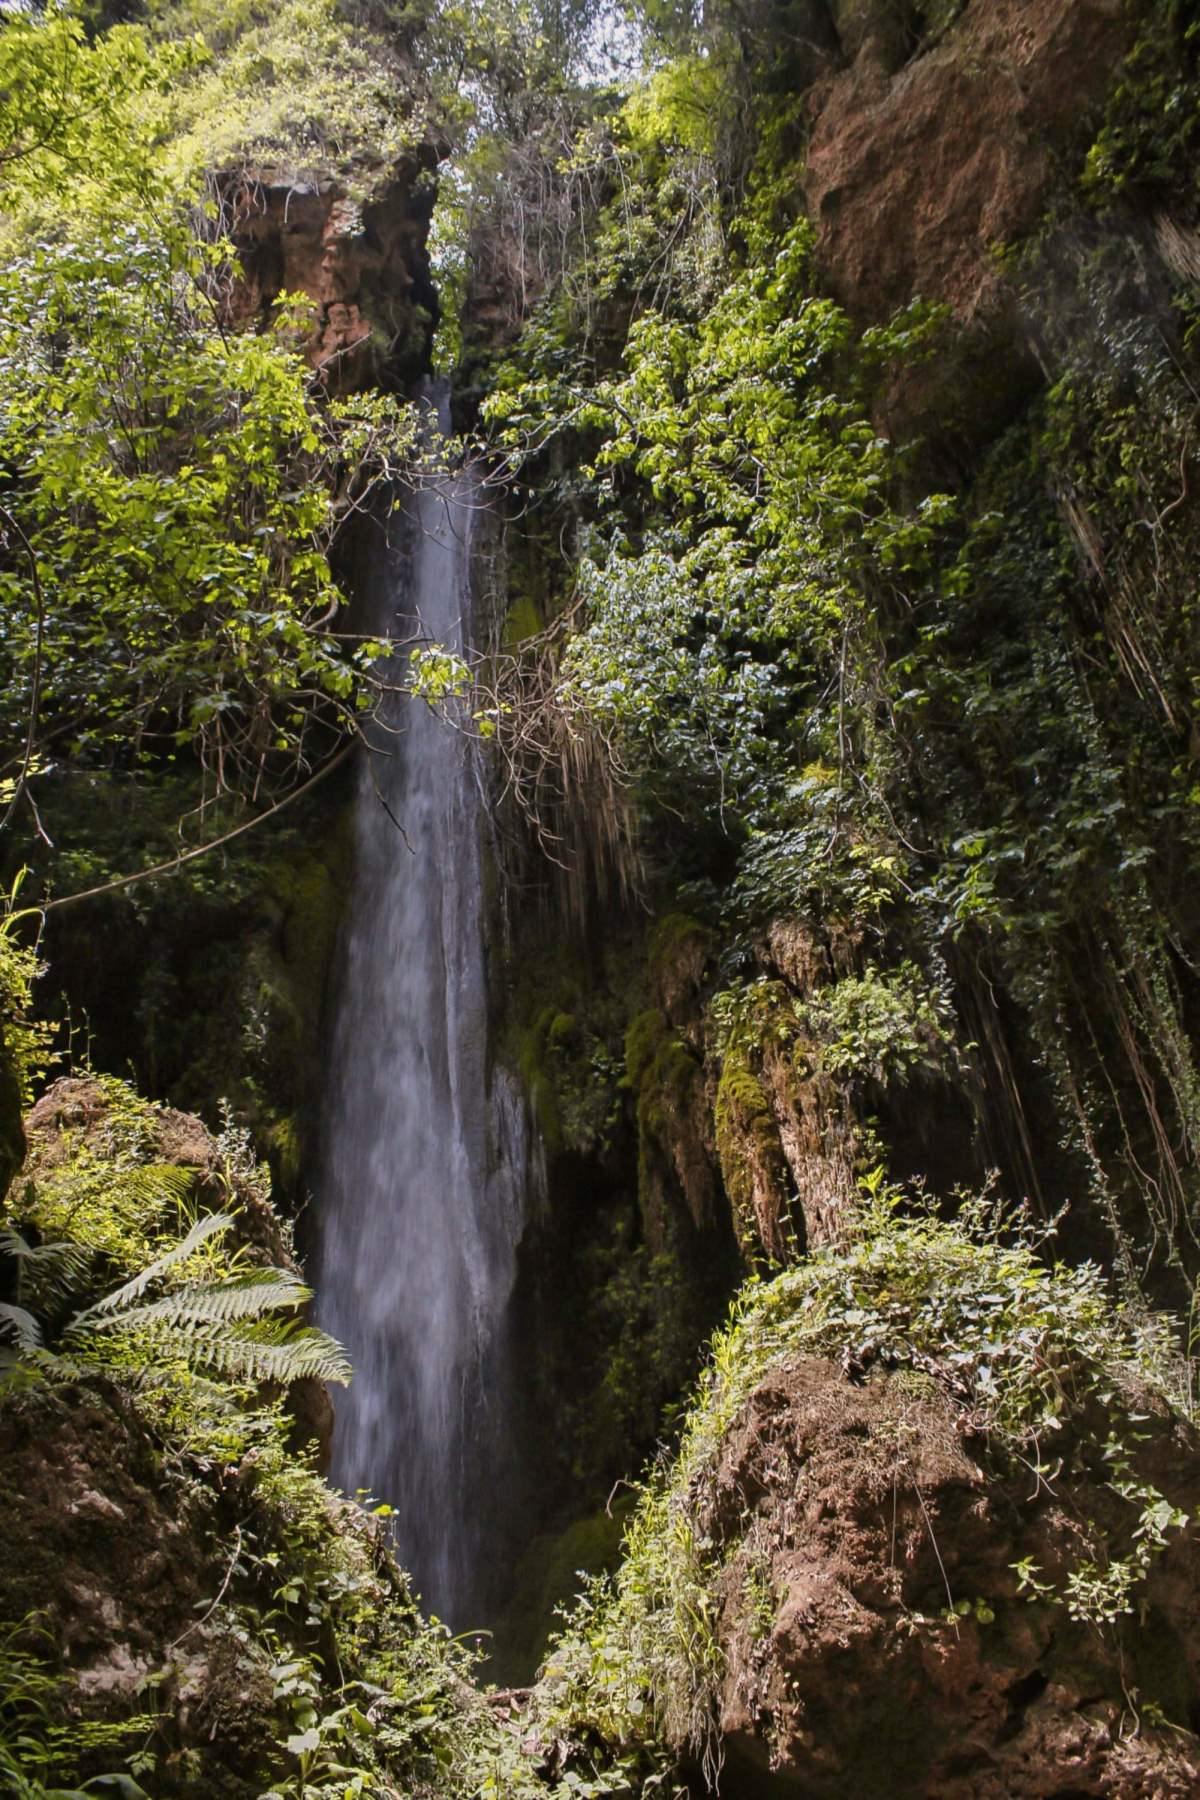 Καταρράκτες Νεμούτας, ένα απίστευτο φυσικό τοπίο